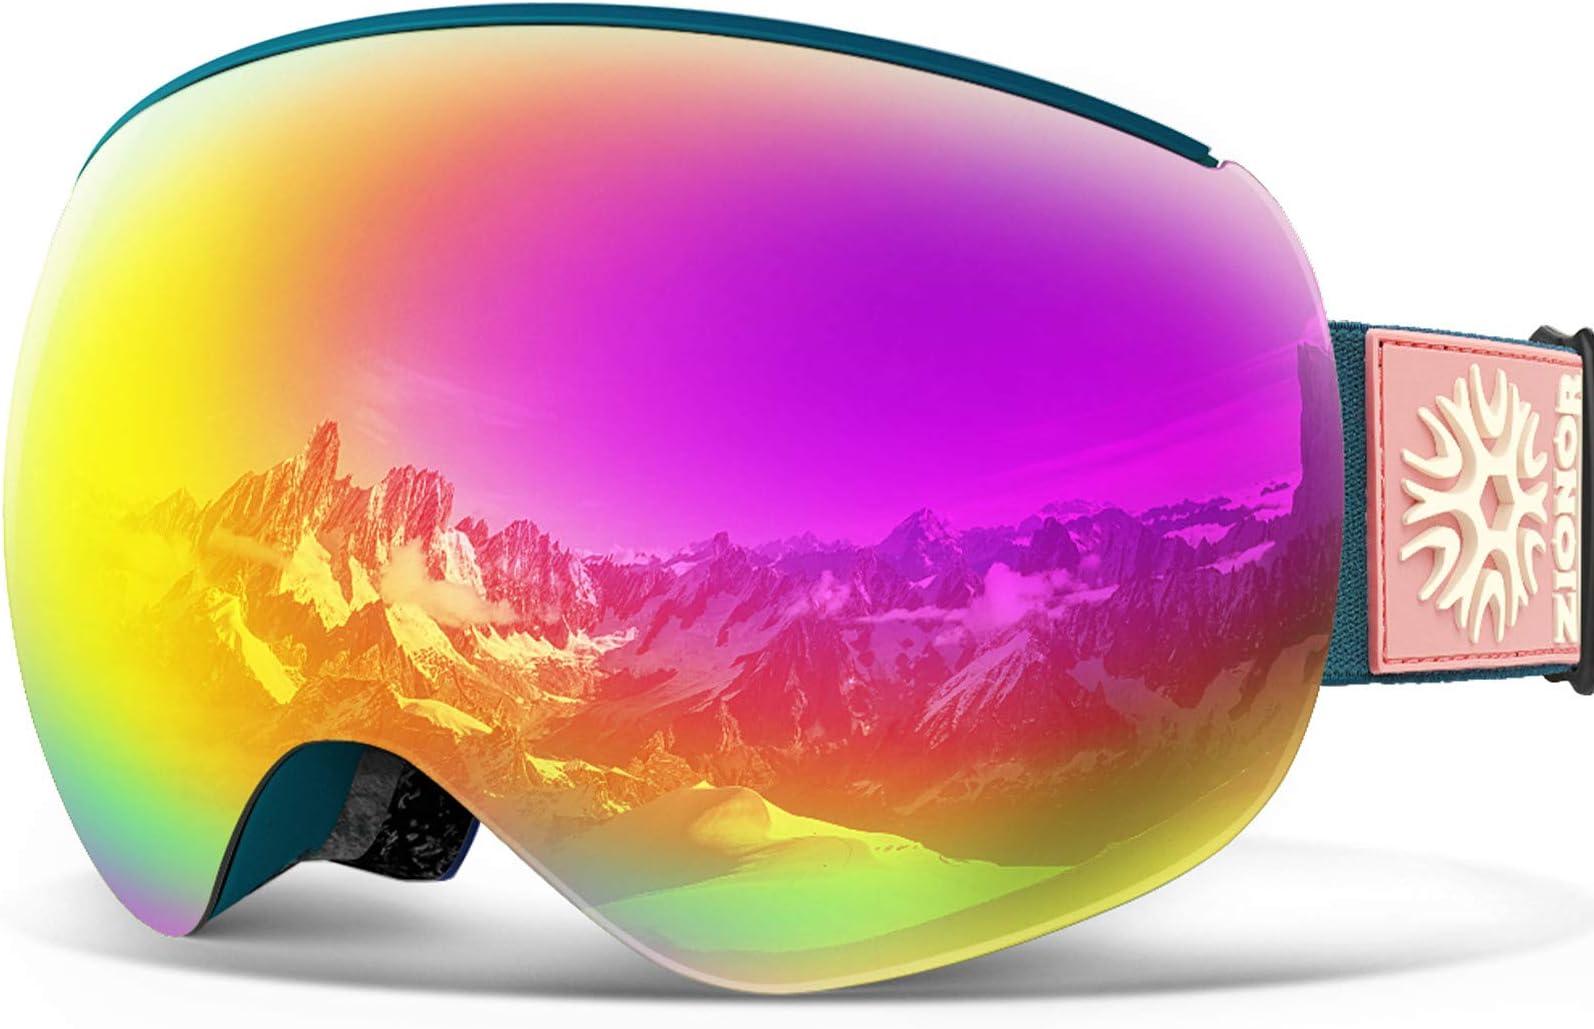 ZIONOR X4 PRO Ski Goggles Magnetic Snowboard Goggles Snow Goggles for Men Women